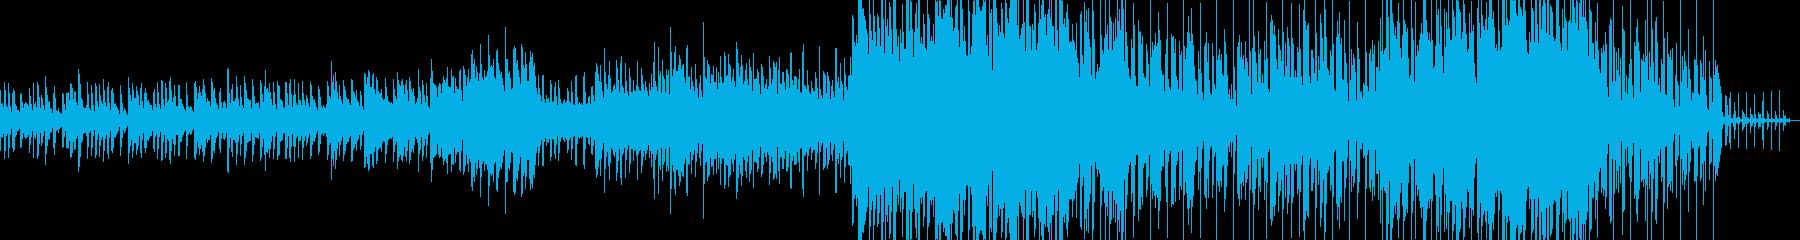 疾走感溢れるピアノテクノの再生済みの波形